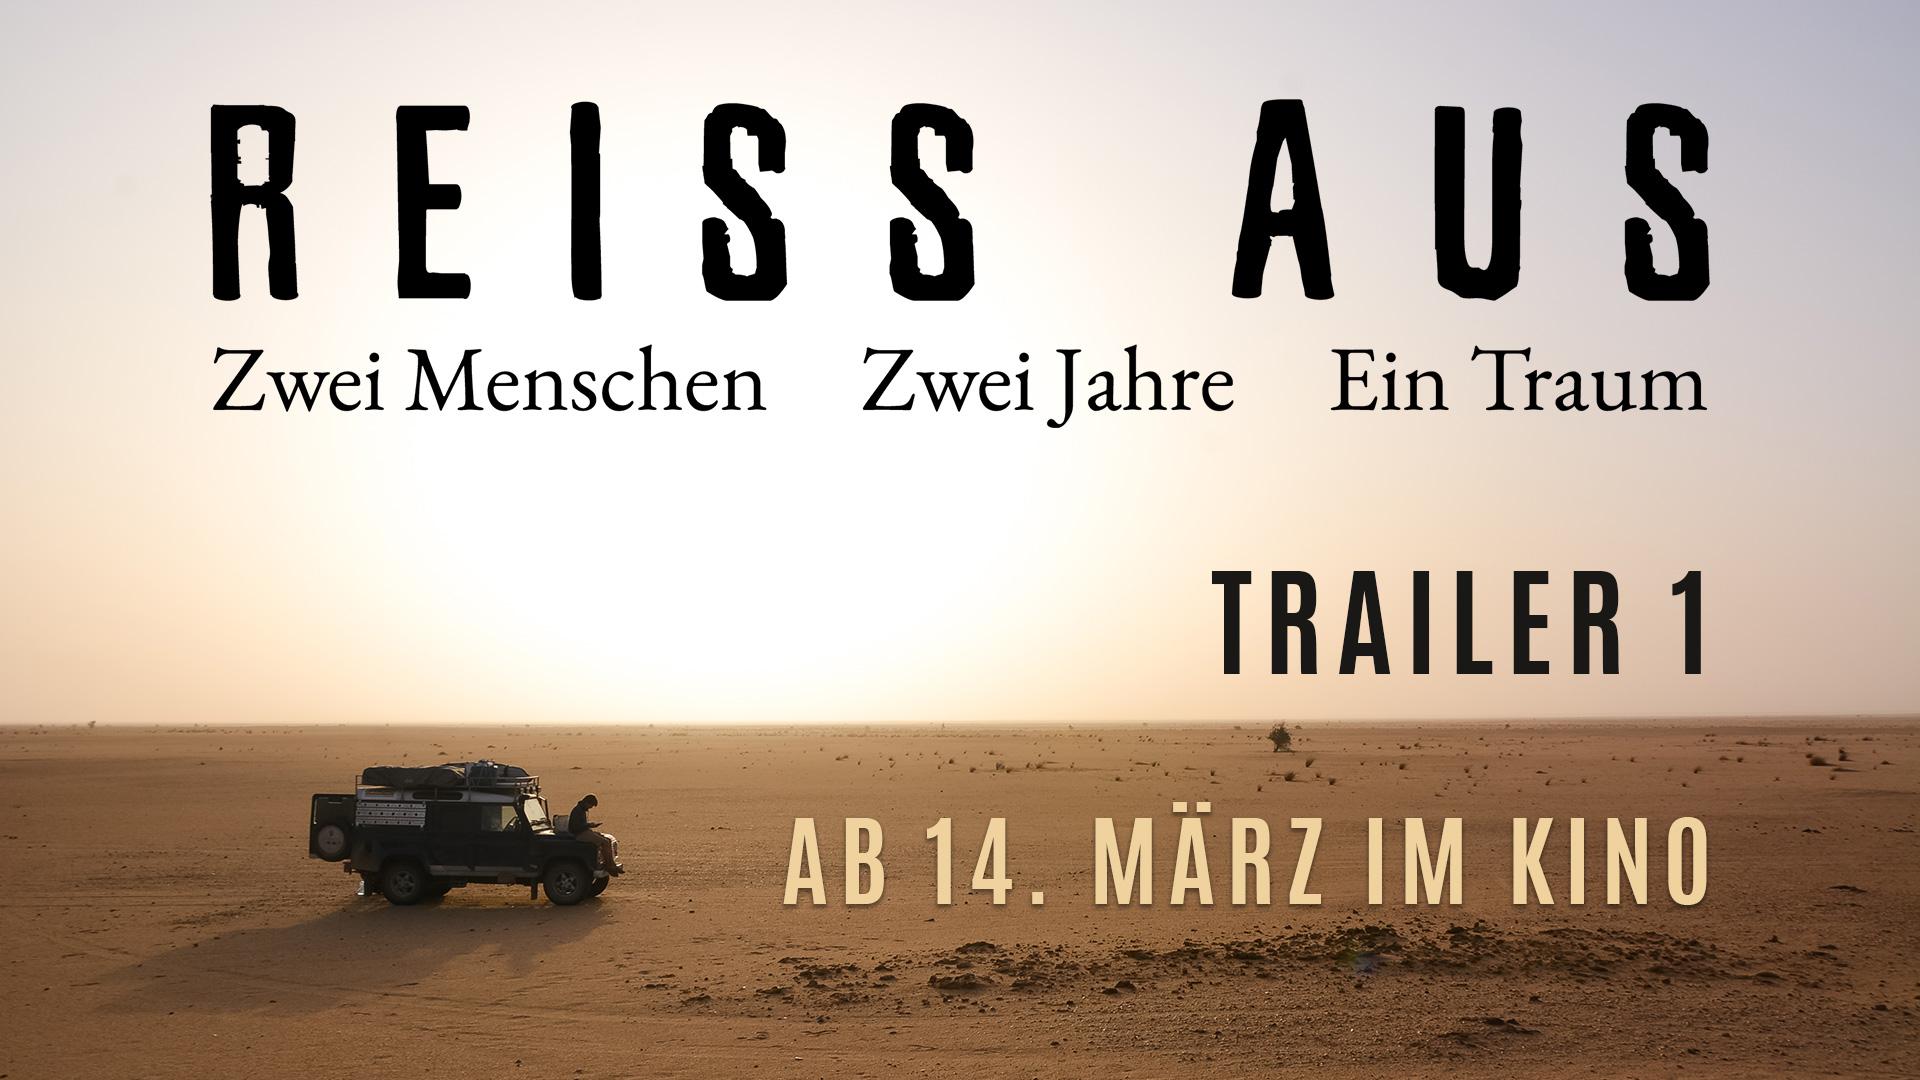 Ab 14. März 2019 im Kino   REISS AUS - TRAILER 1